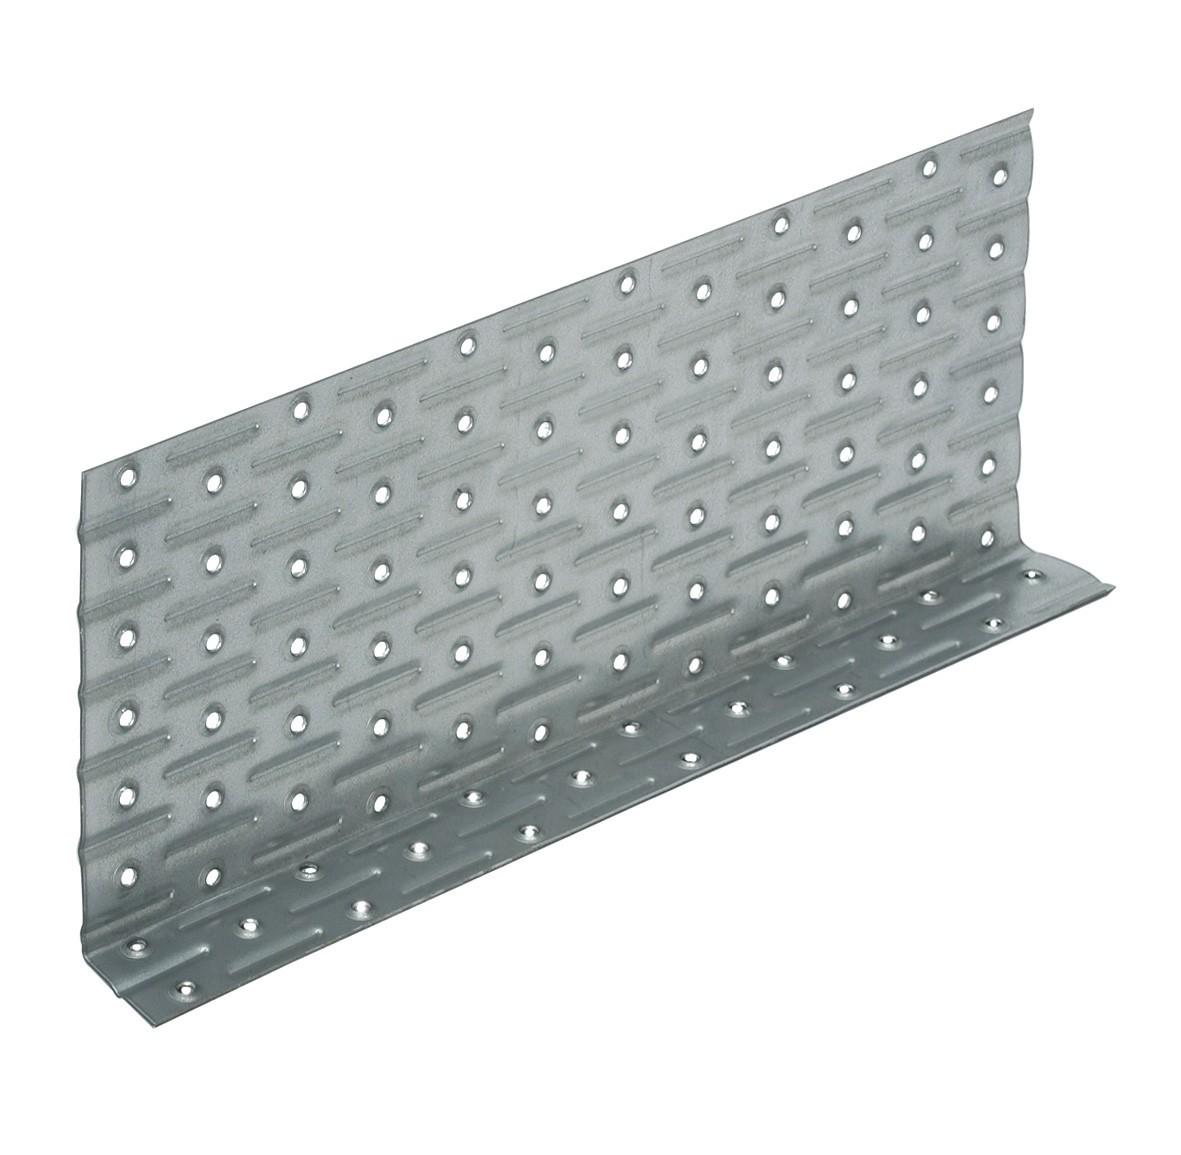 Plaques à clouer pliée 300x120x30 1,25 SV